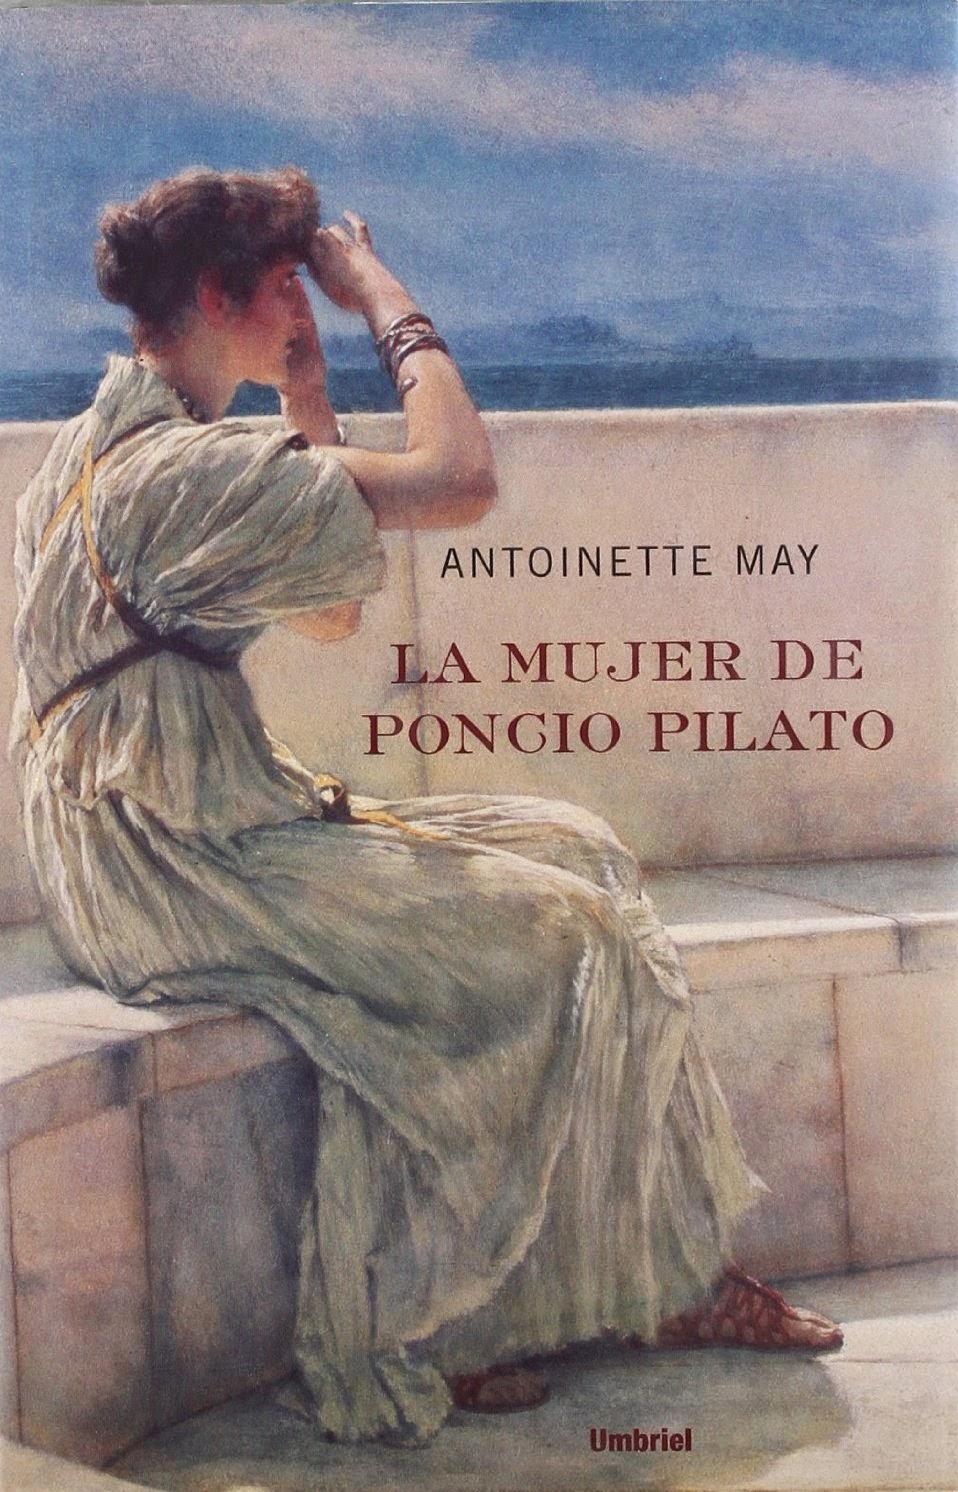 La mujer de Poncio Pilato - Antoinette May (2007)